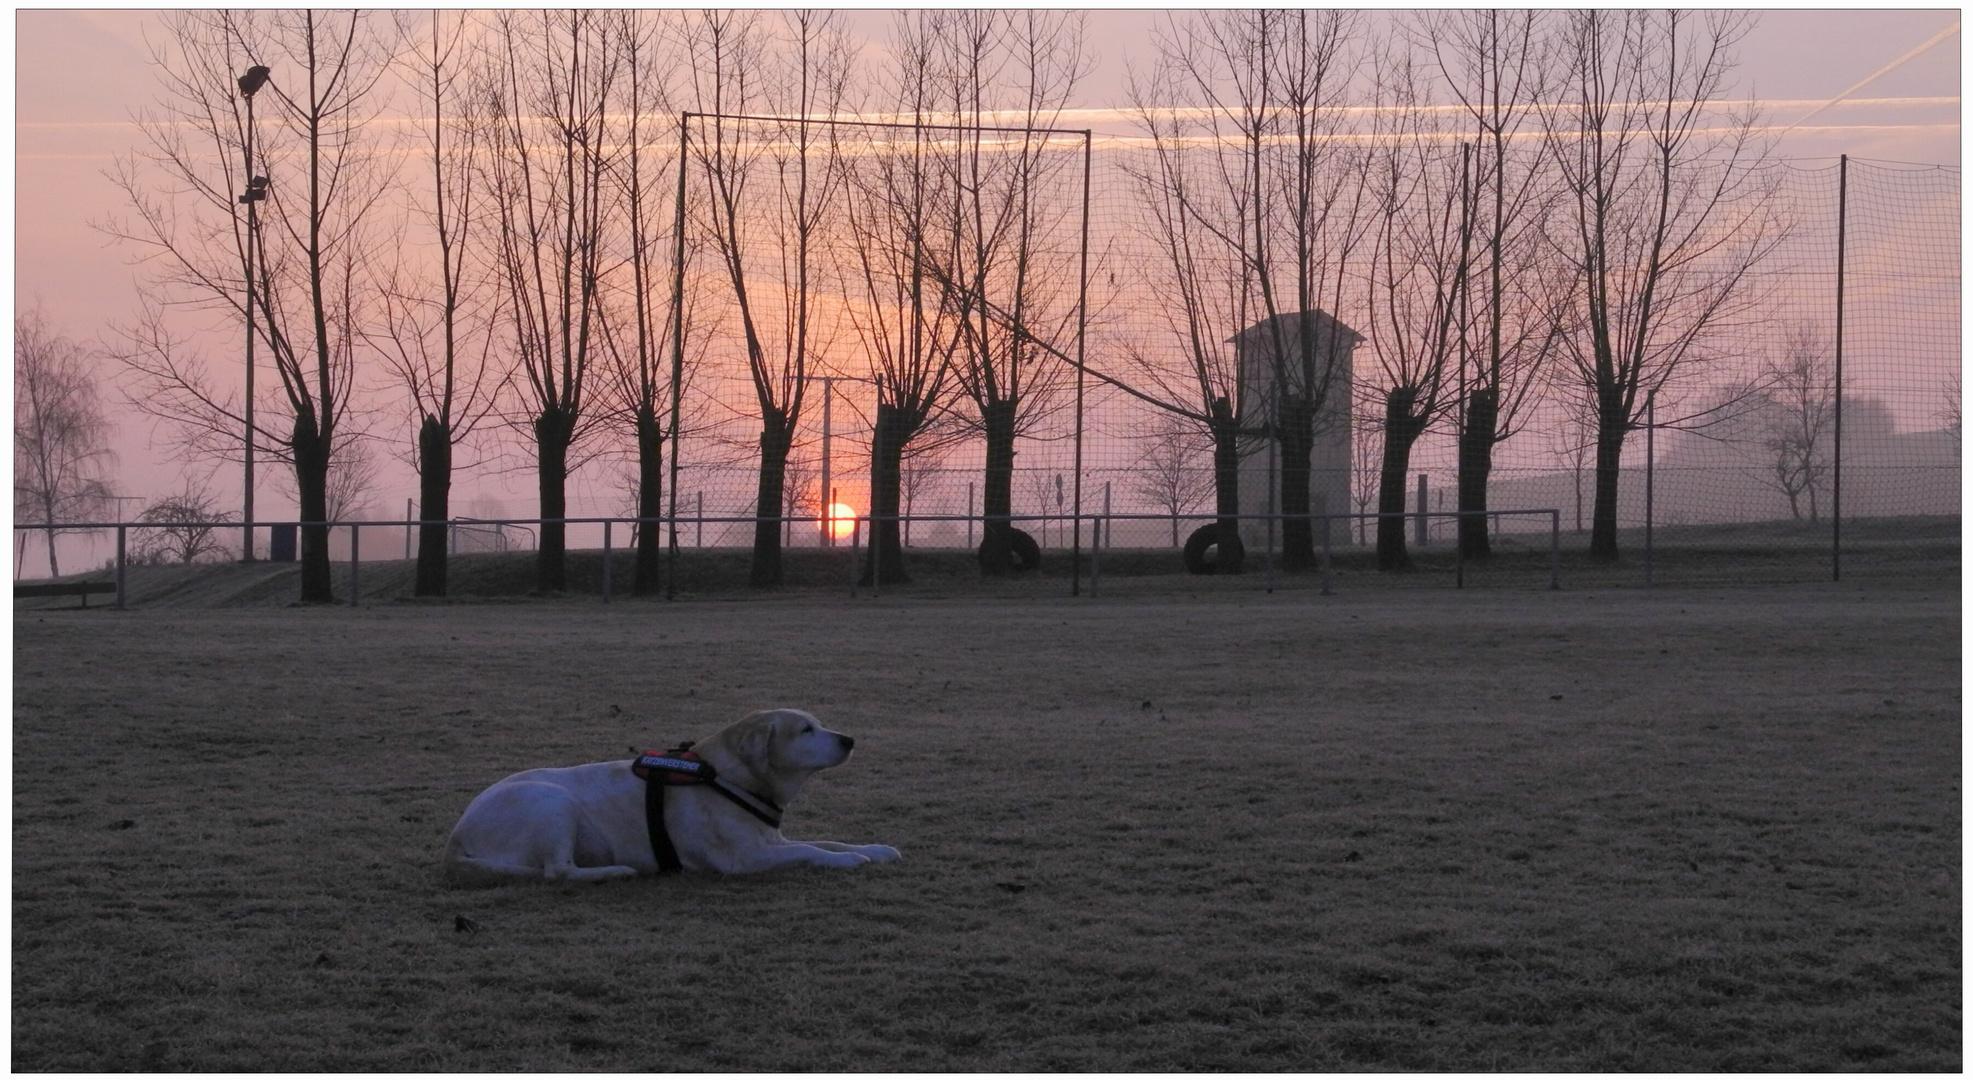 Sonnenaufgang für meine Bonnie (salida del sol para mi Bonnie)